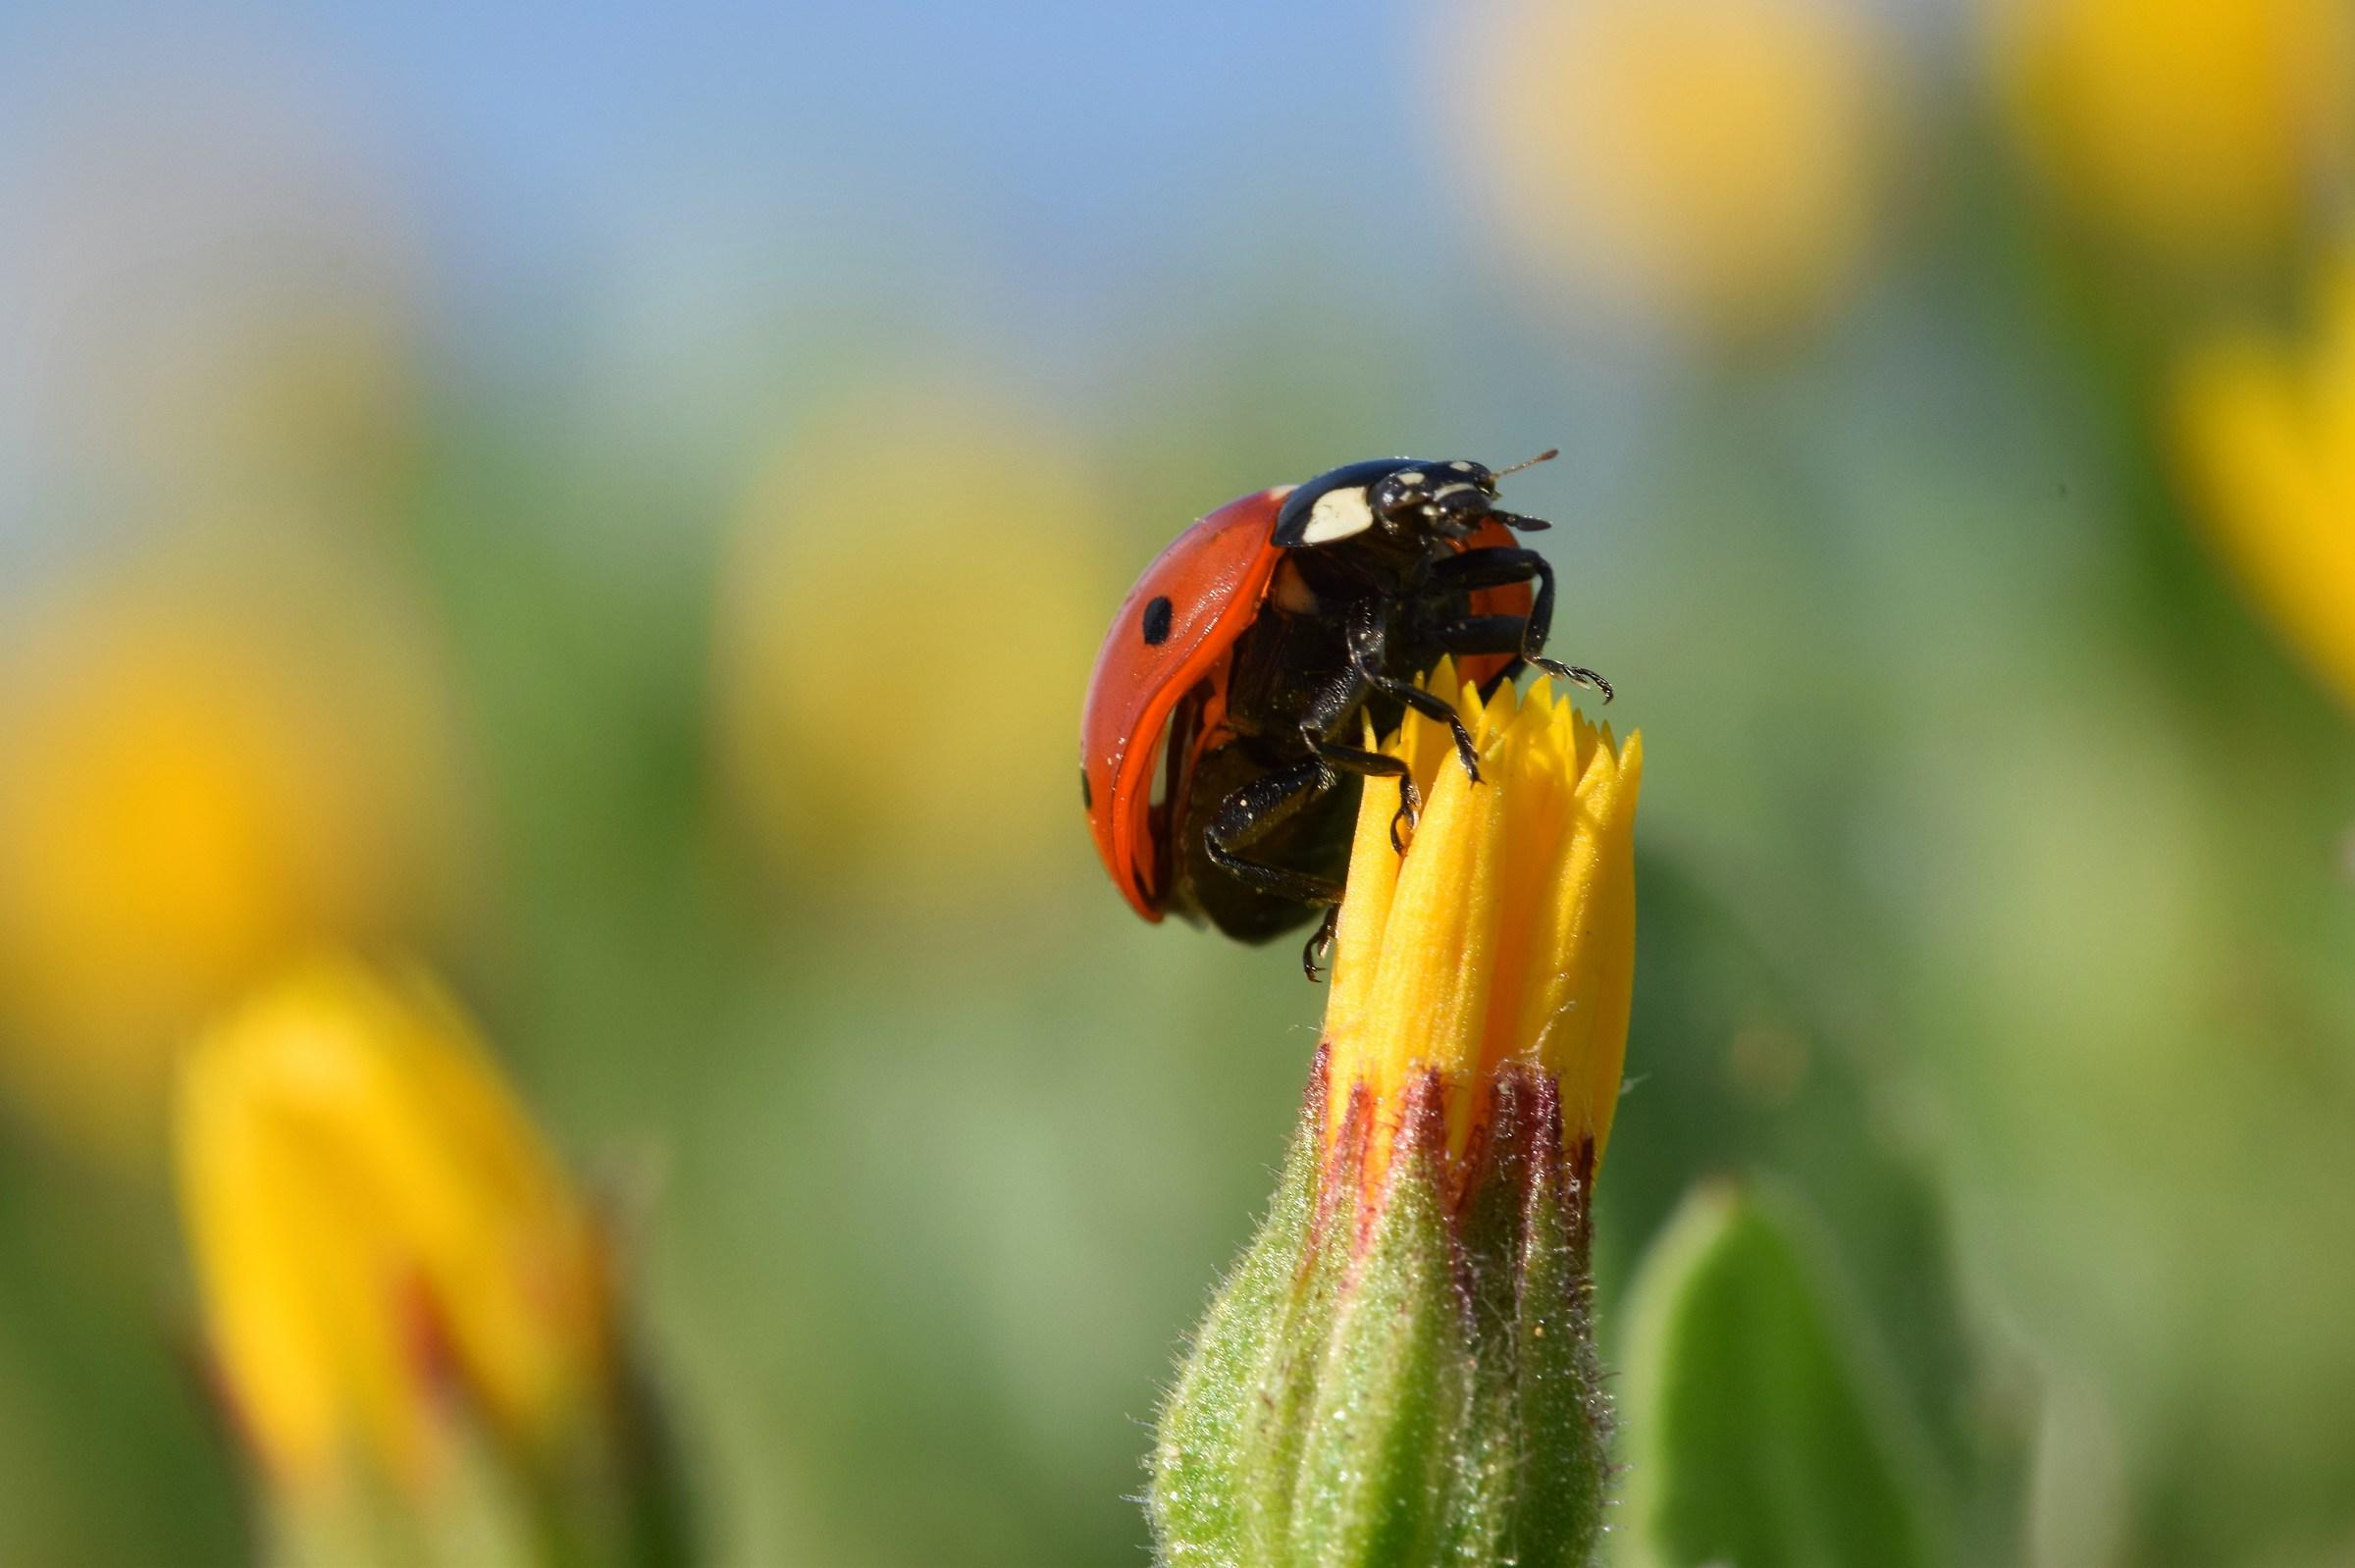 Ladybug's stories...